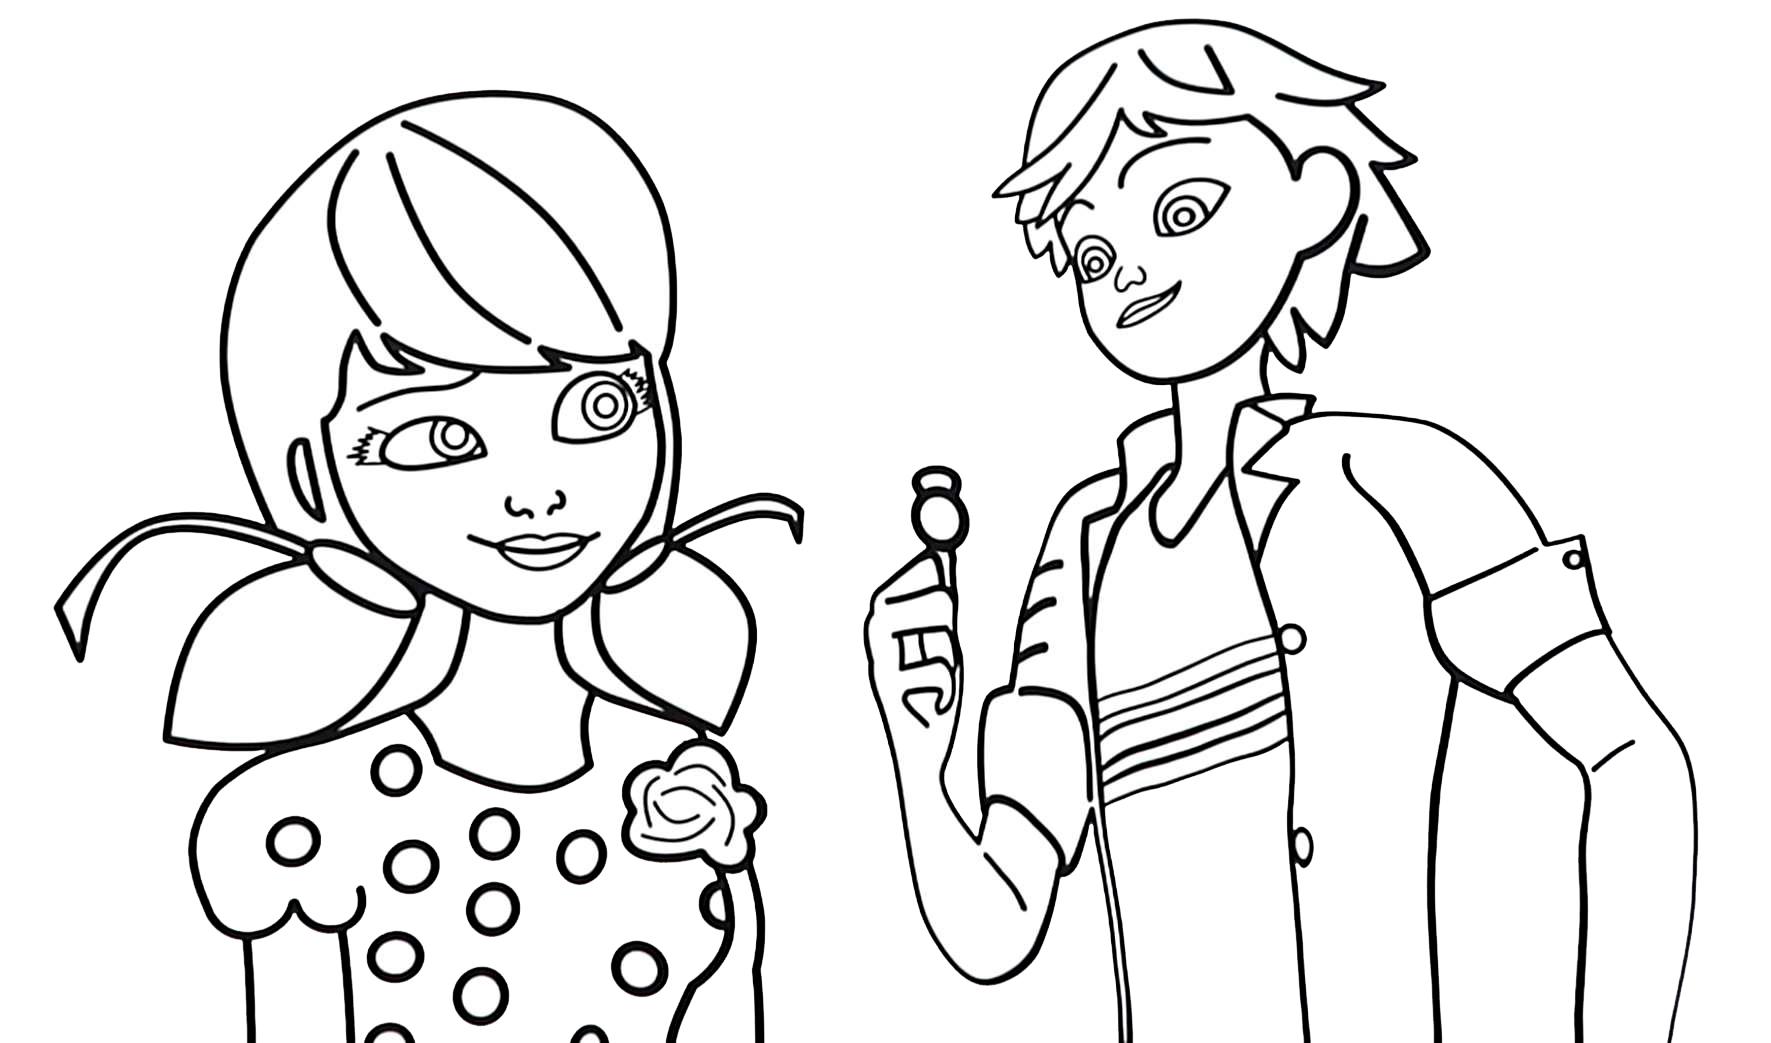 Ausmalbilder Lady Bug und Chat Noir zum drucken und herunterladen